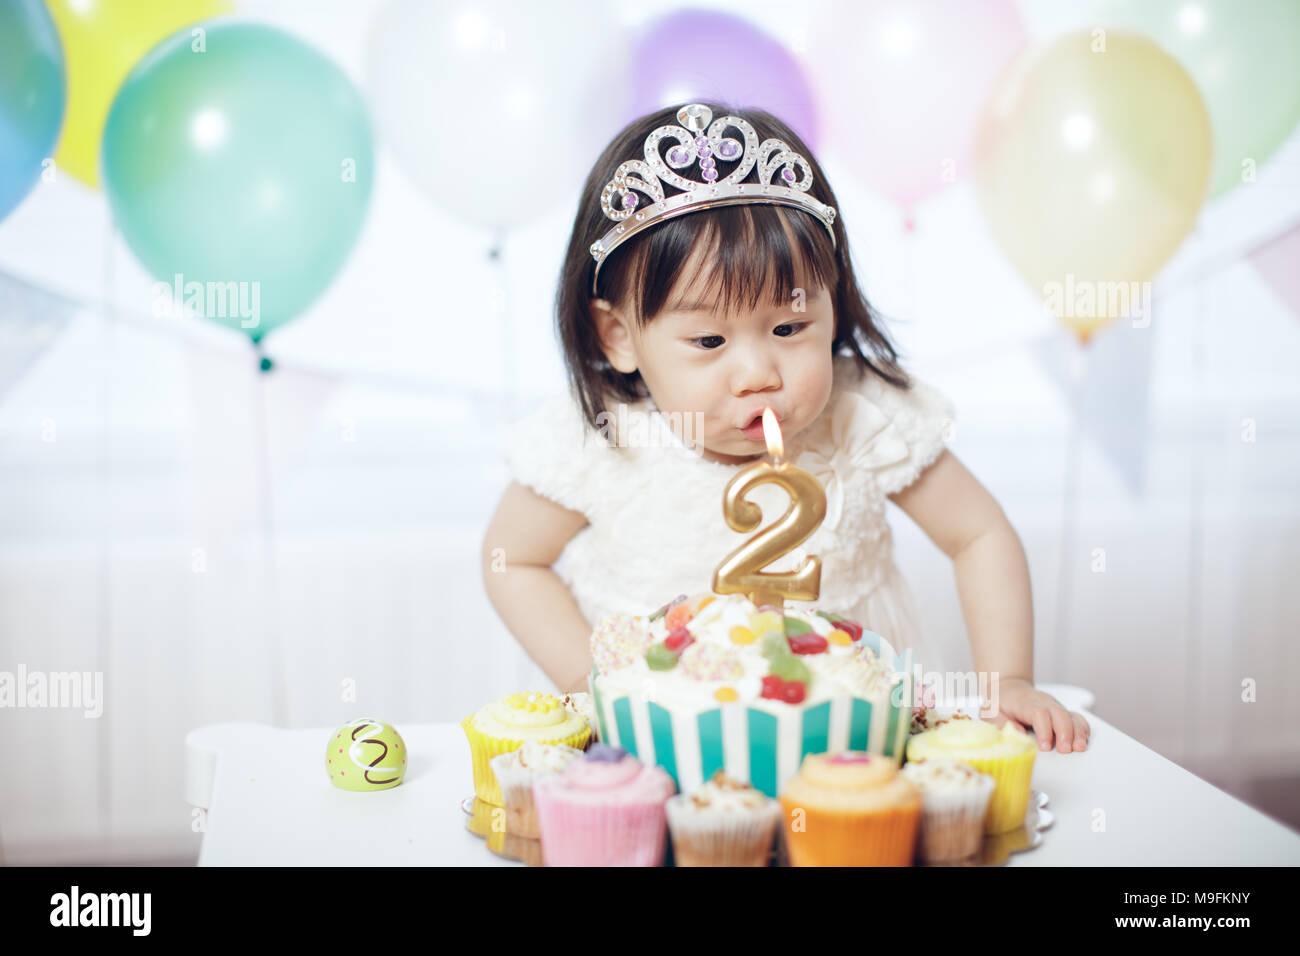 Baby Girl célébrer son deuxième anniversaire Photo Stock